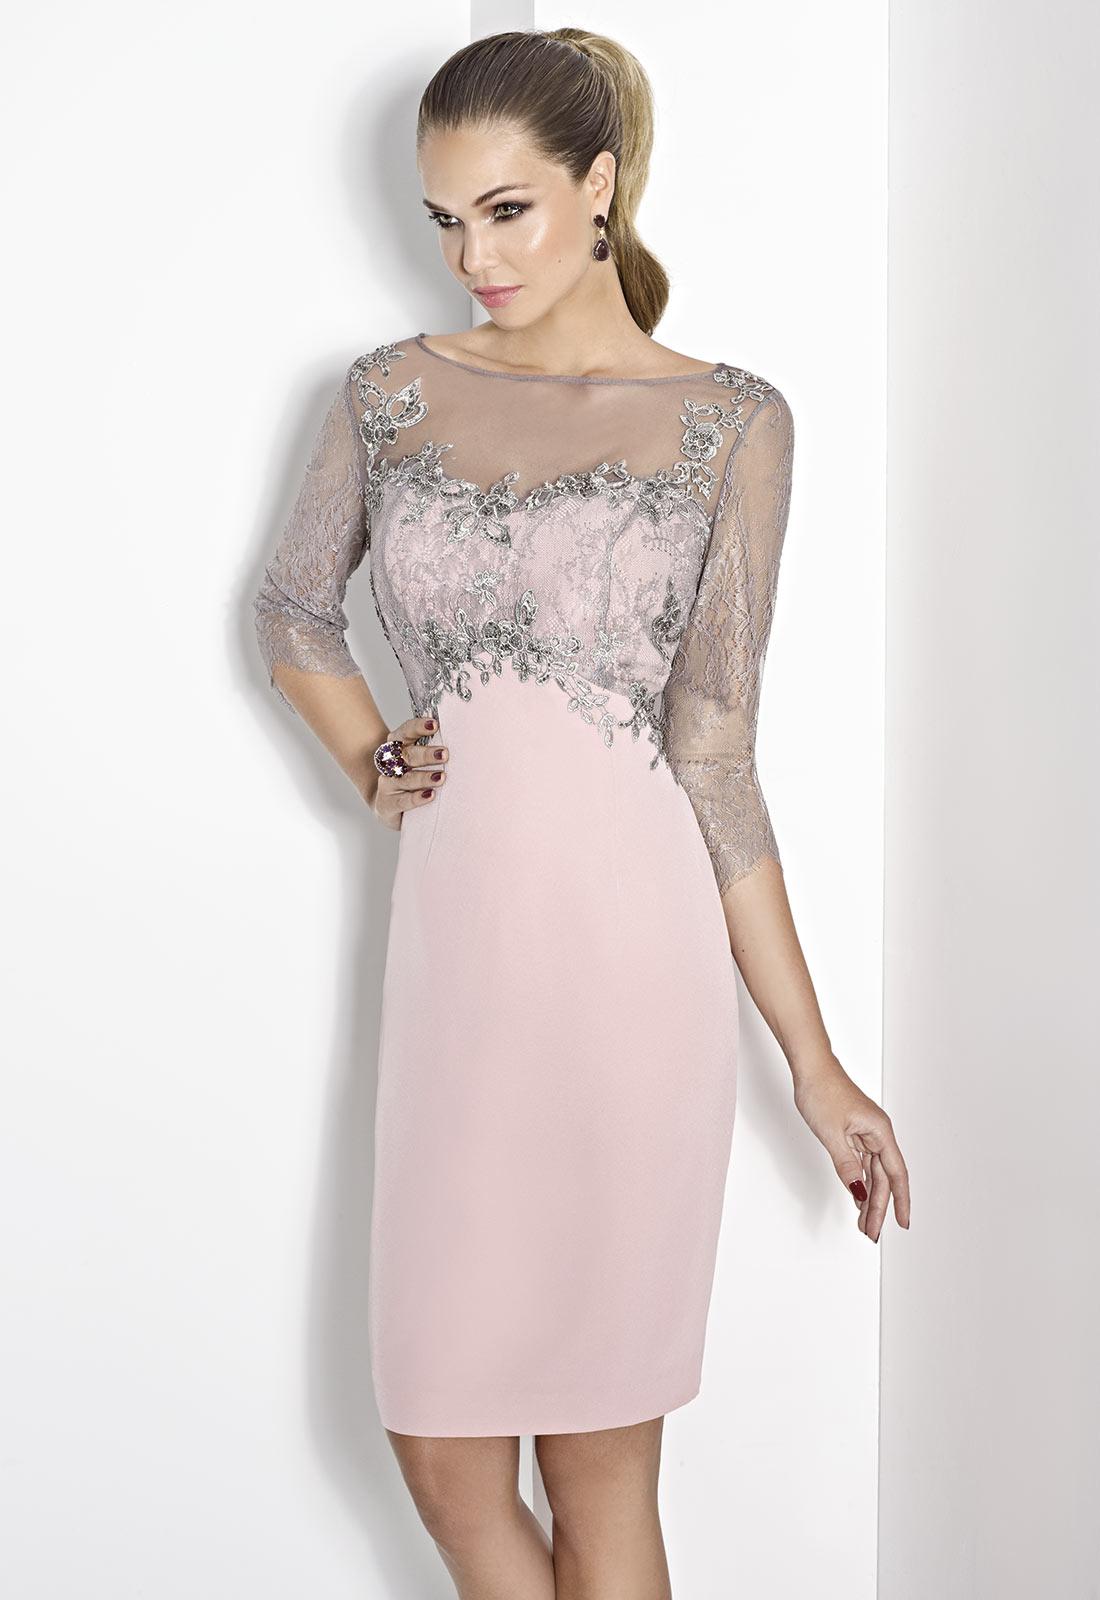 Falda en color rosa pastel y cuerpo en encaje y tul